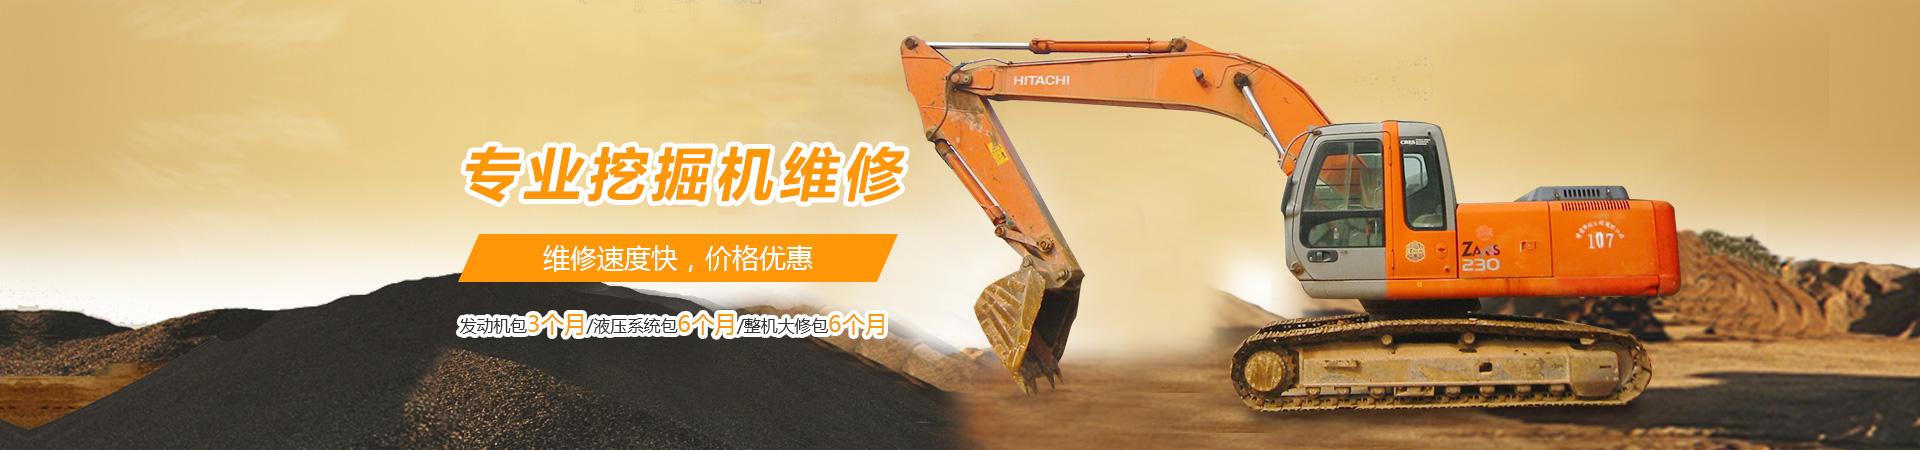 新疆日立挖掘机维修